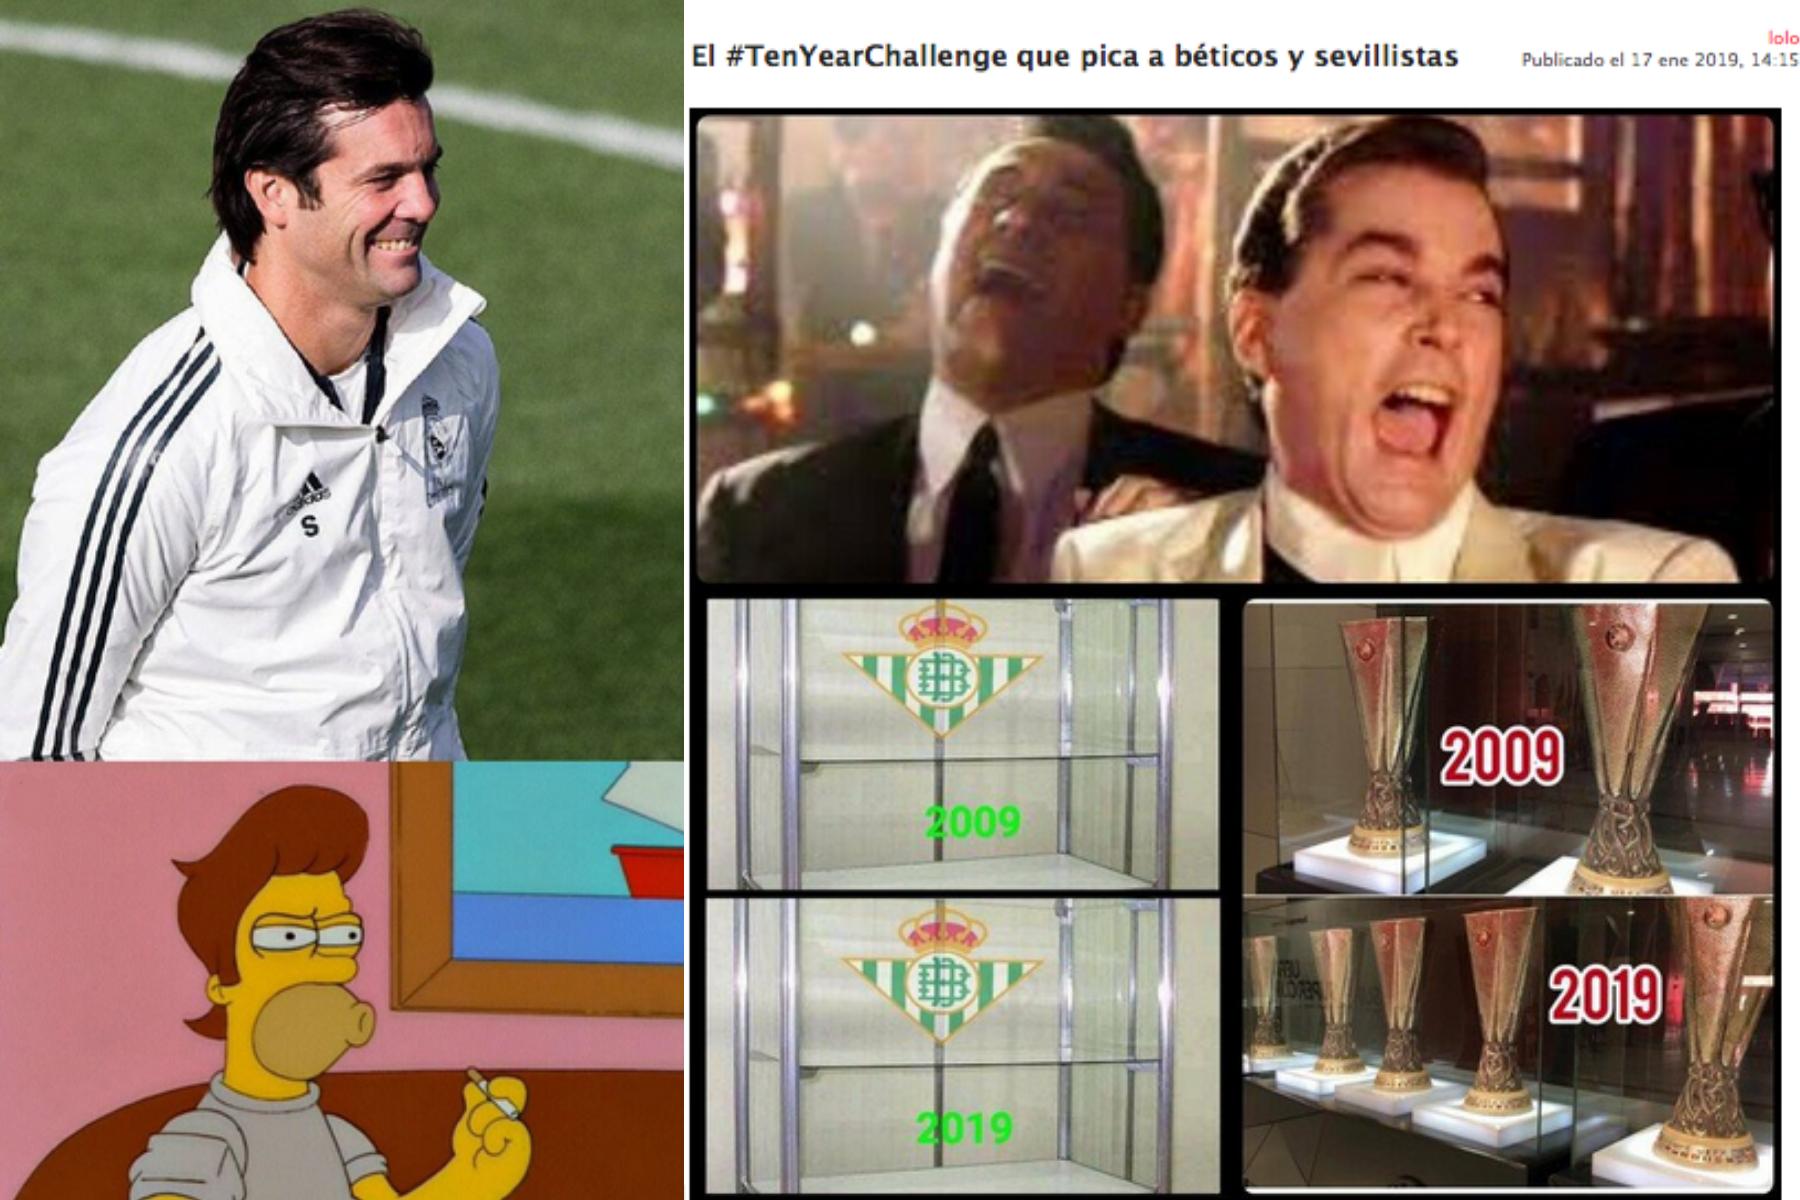 Memelogía | Betis, Real Madrid y más del fútbol del Viejo Continente como motivo para reír